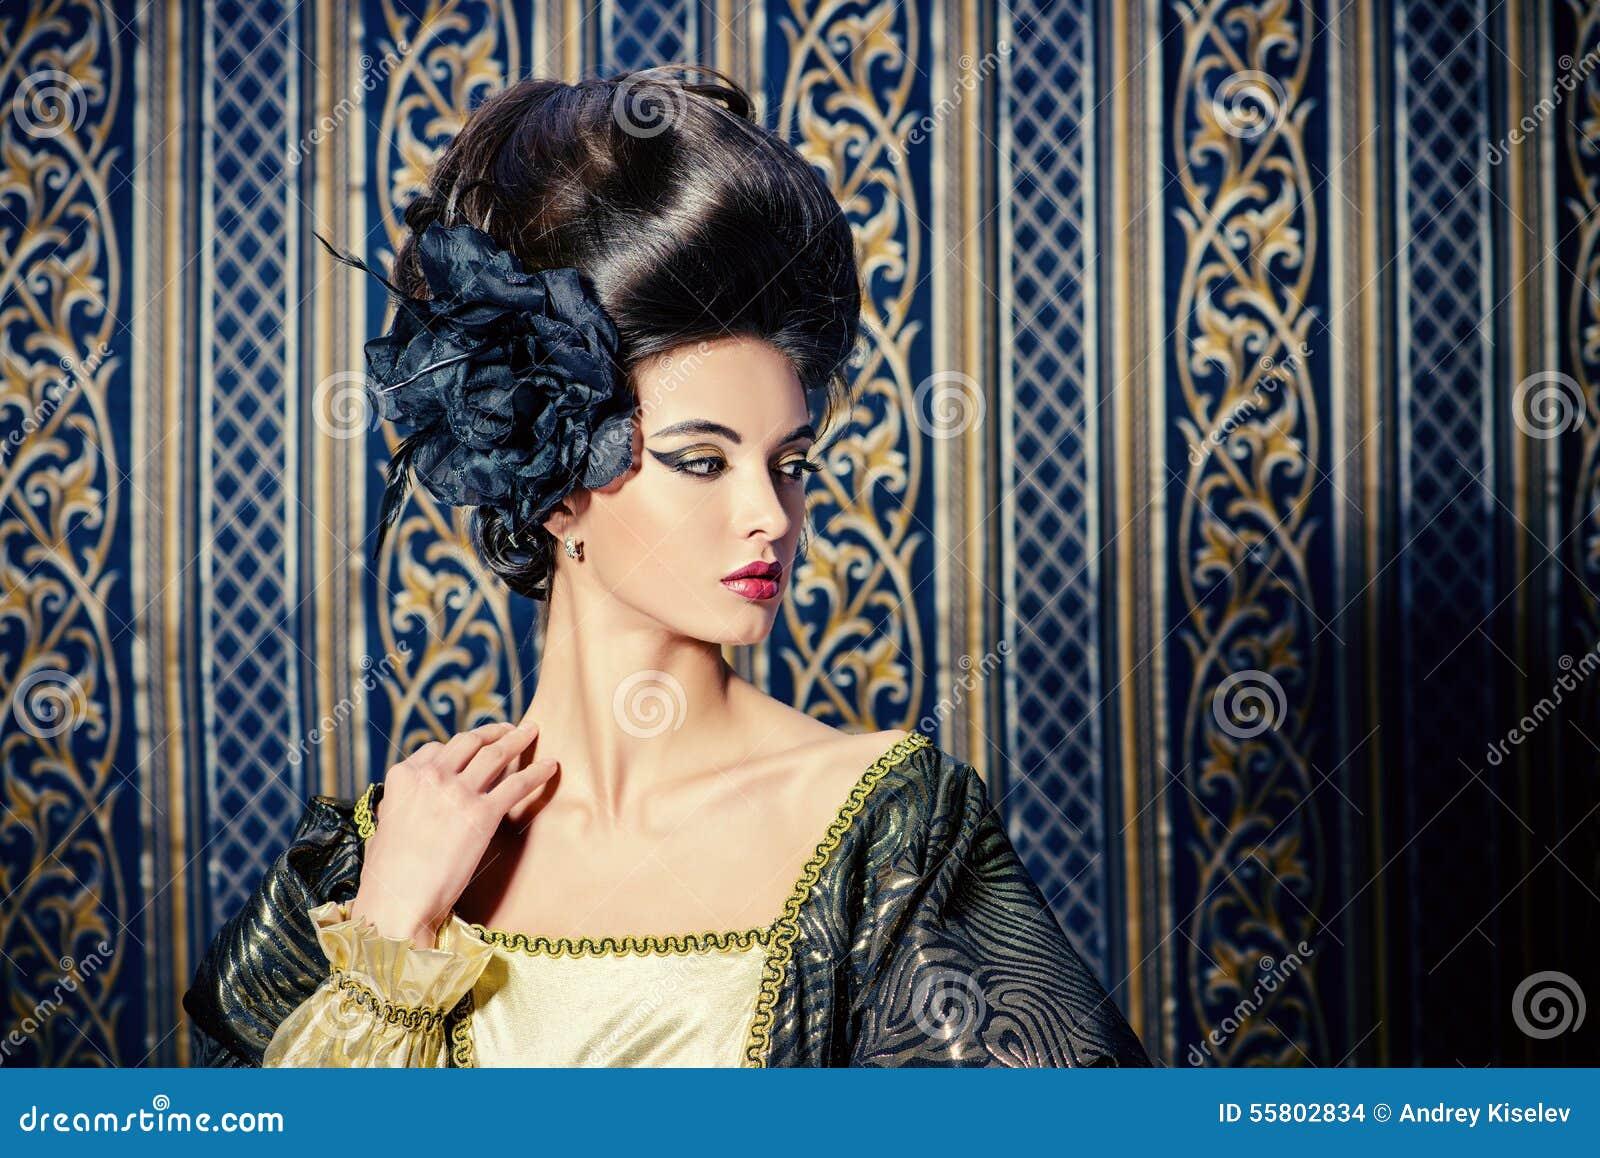 Updo Frisur Stockfoto Bild Von Schonheit Modern Person 55802834